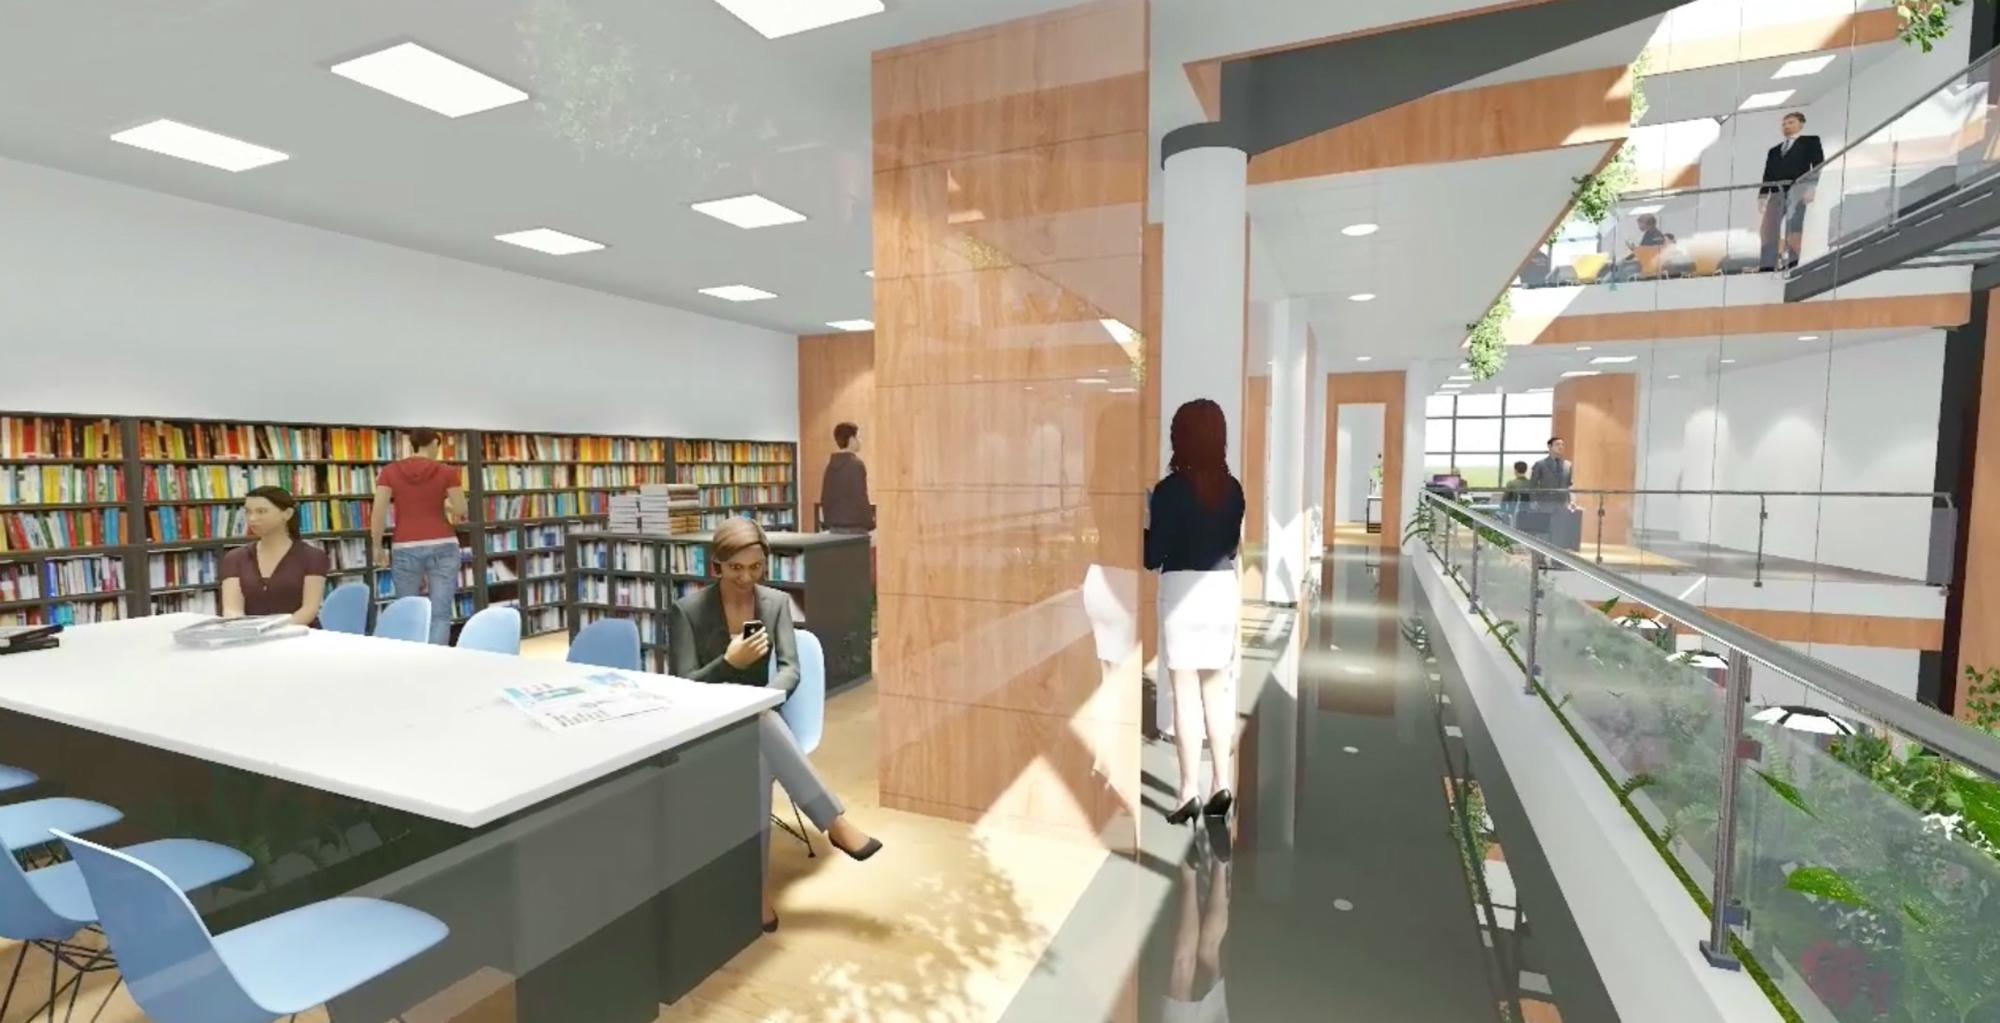 Cierre temporal de la Biblioteca Municipal por mudanza.